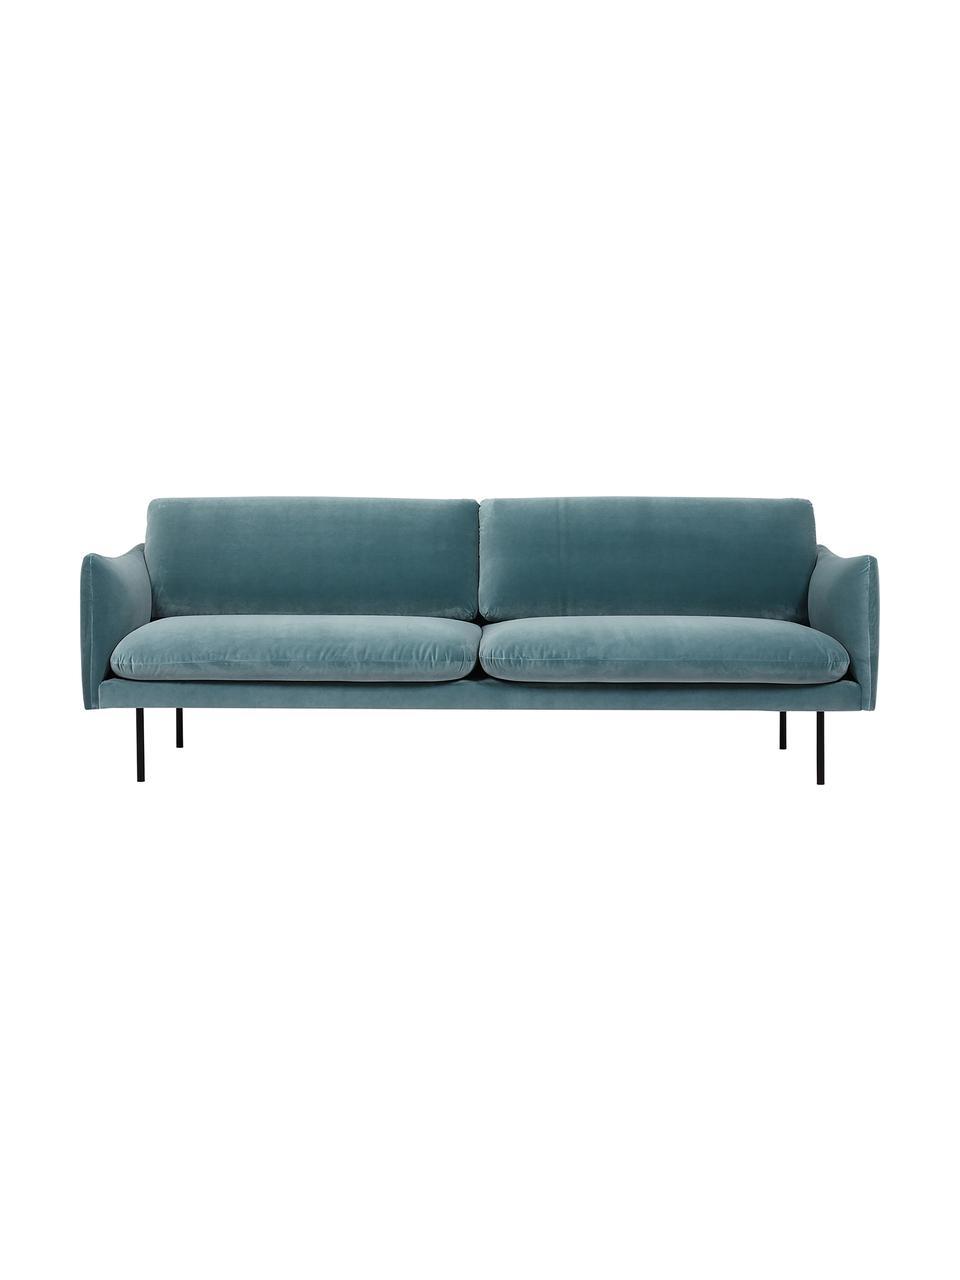 Canapé 3places velours turquoise pieds en métal Moby, Velours turquoise